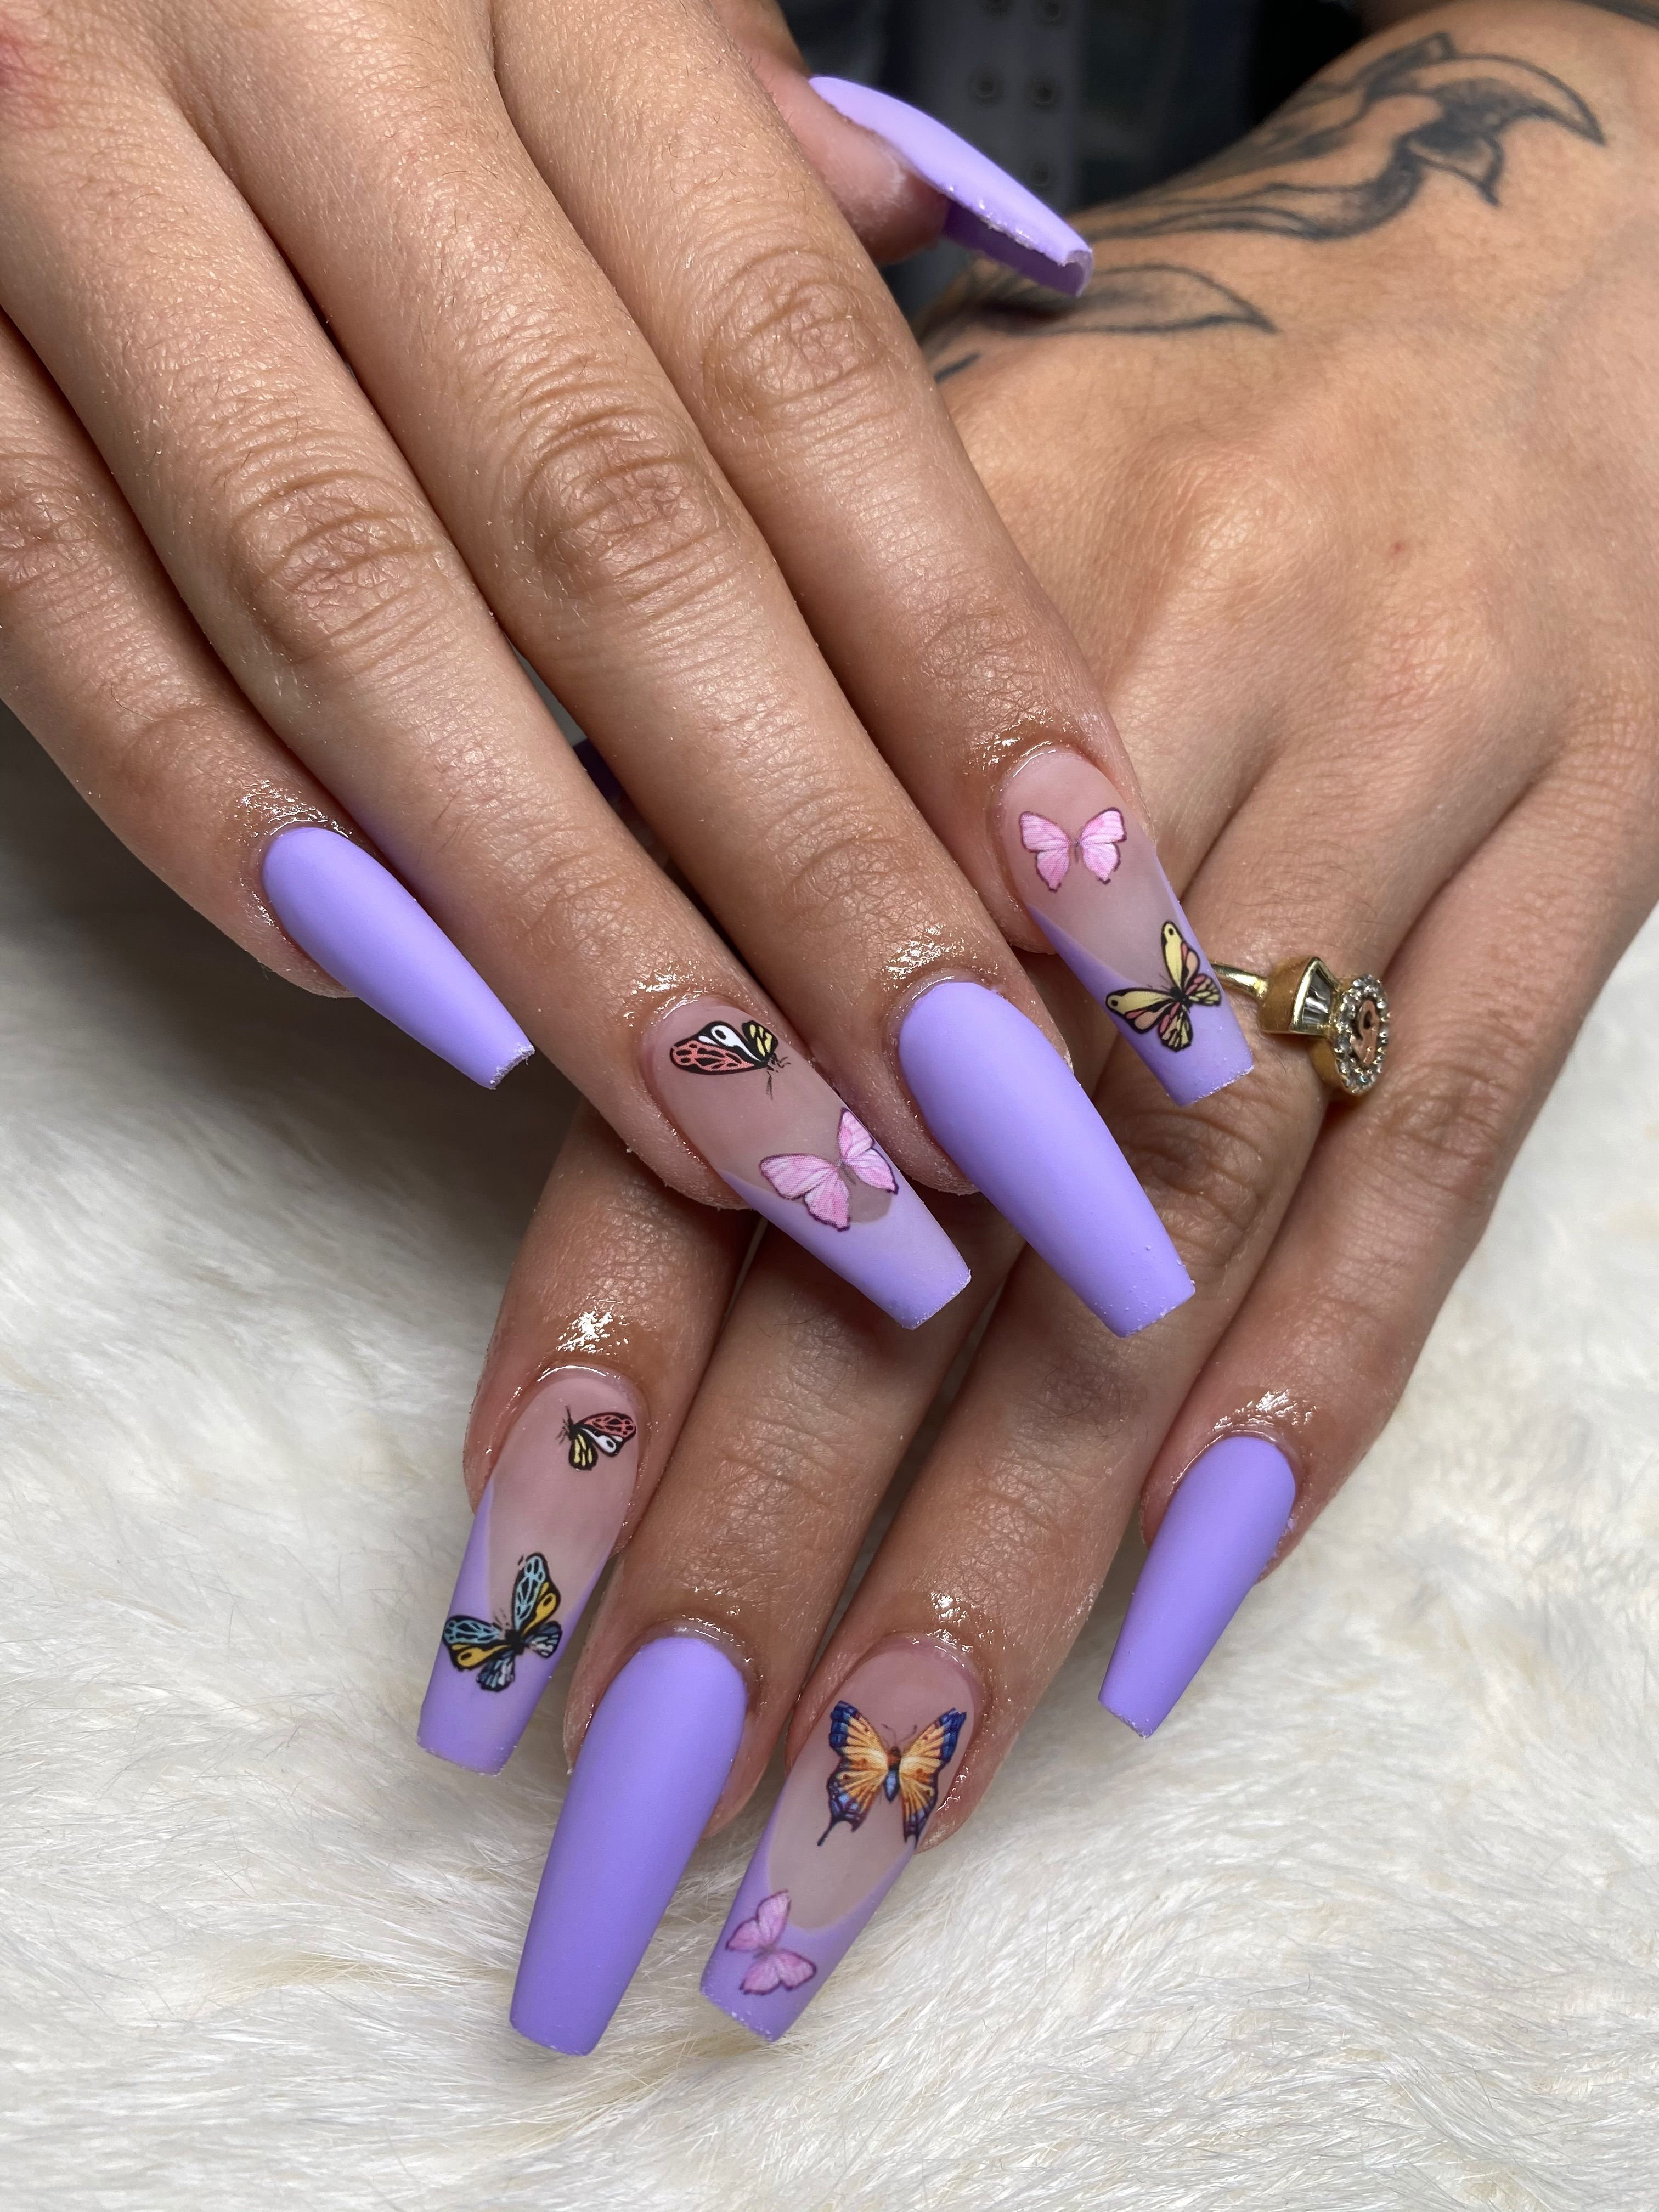 Matte Purple Butterfly Acrylic Nails In 2020 Purple Acrylic Nails Bling Acrylic Nails Purple Nails